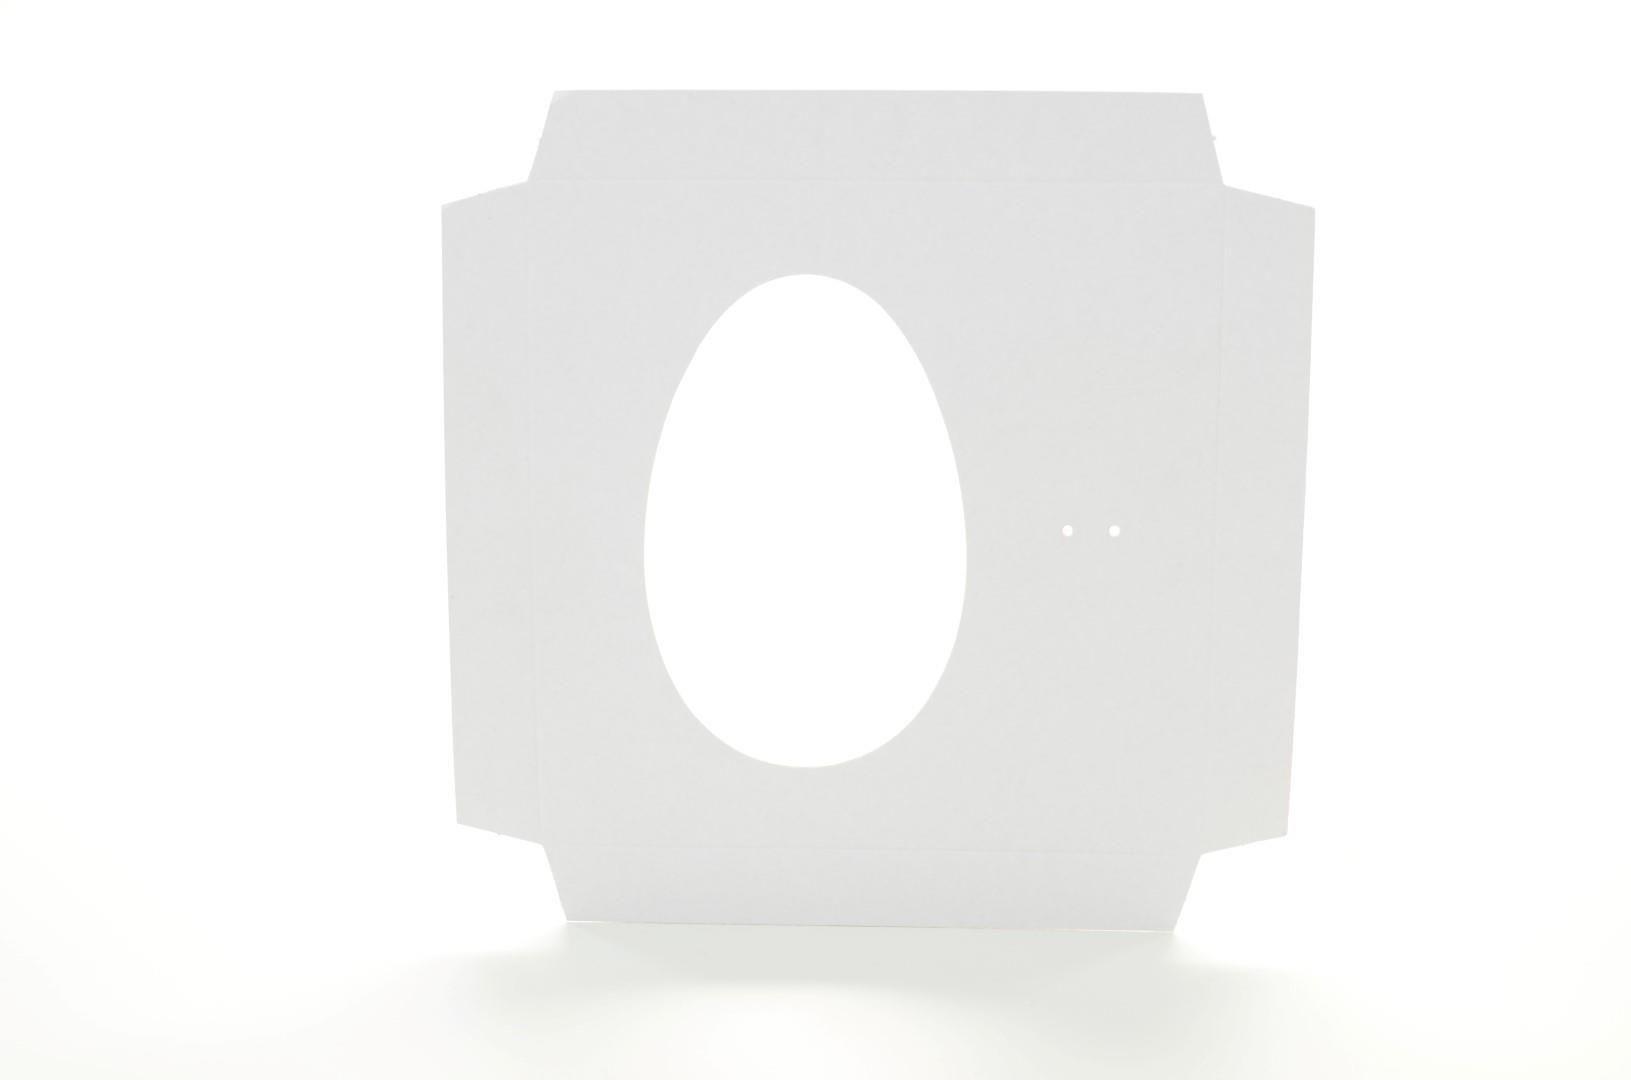 D004 Acessório Ovo ou Coração - 17,5x17,5x5 cm